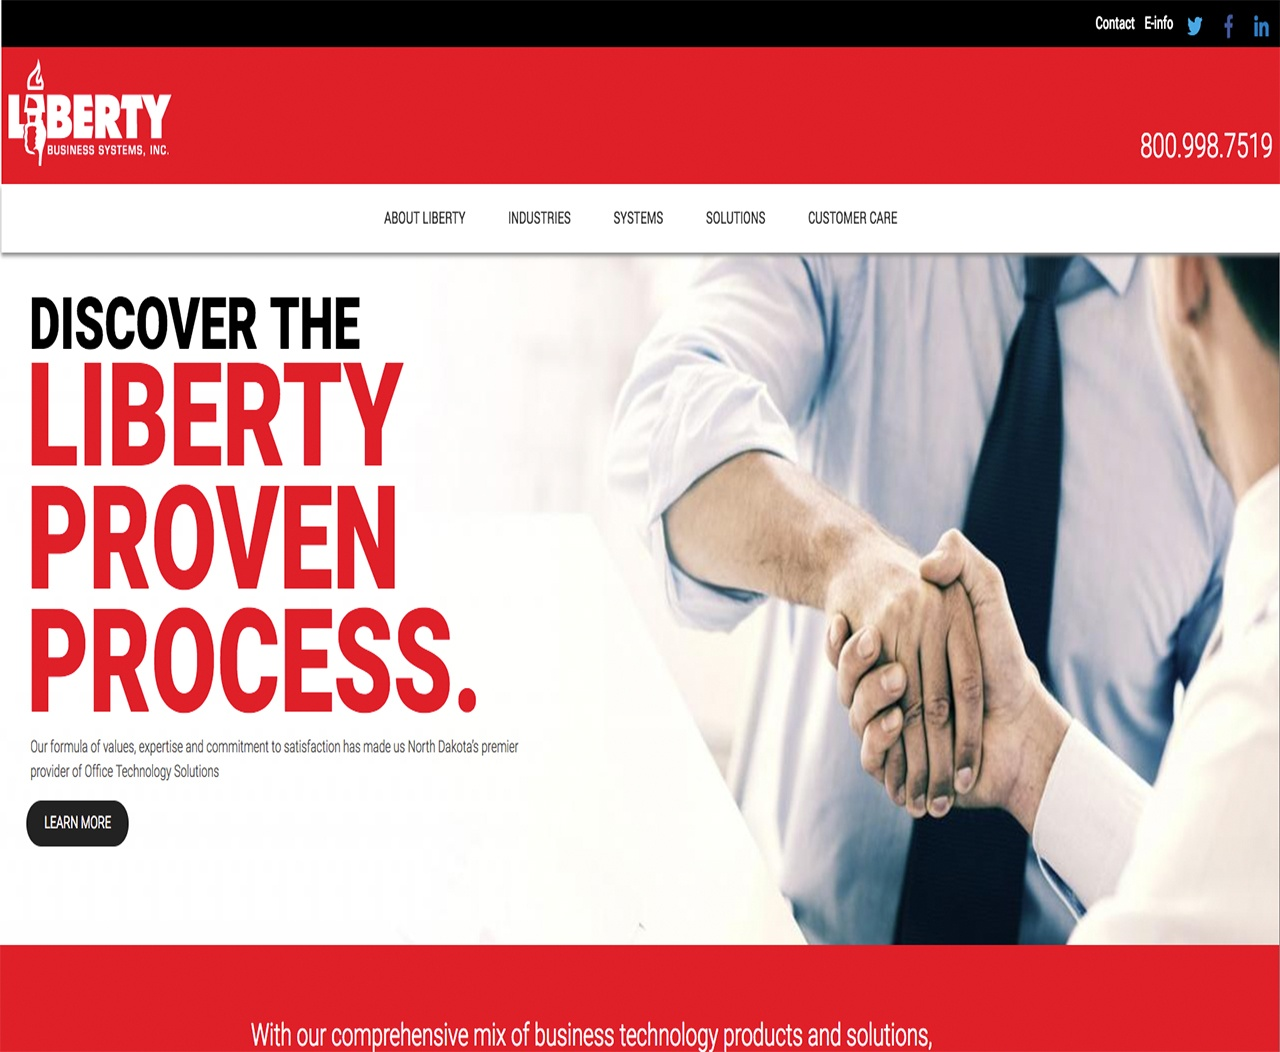 libertybuisness